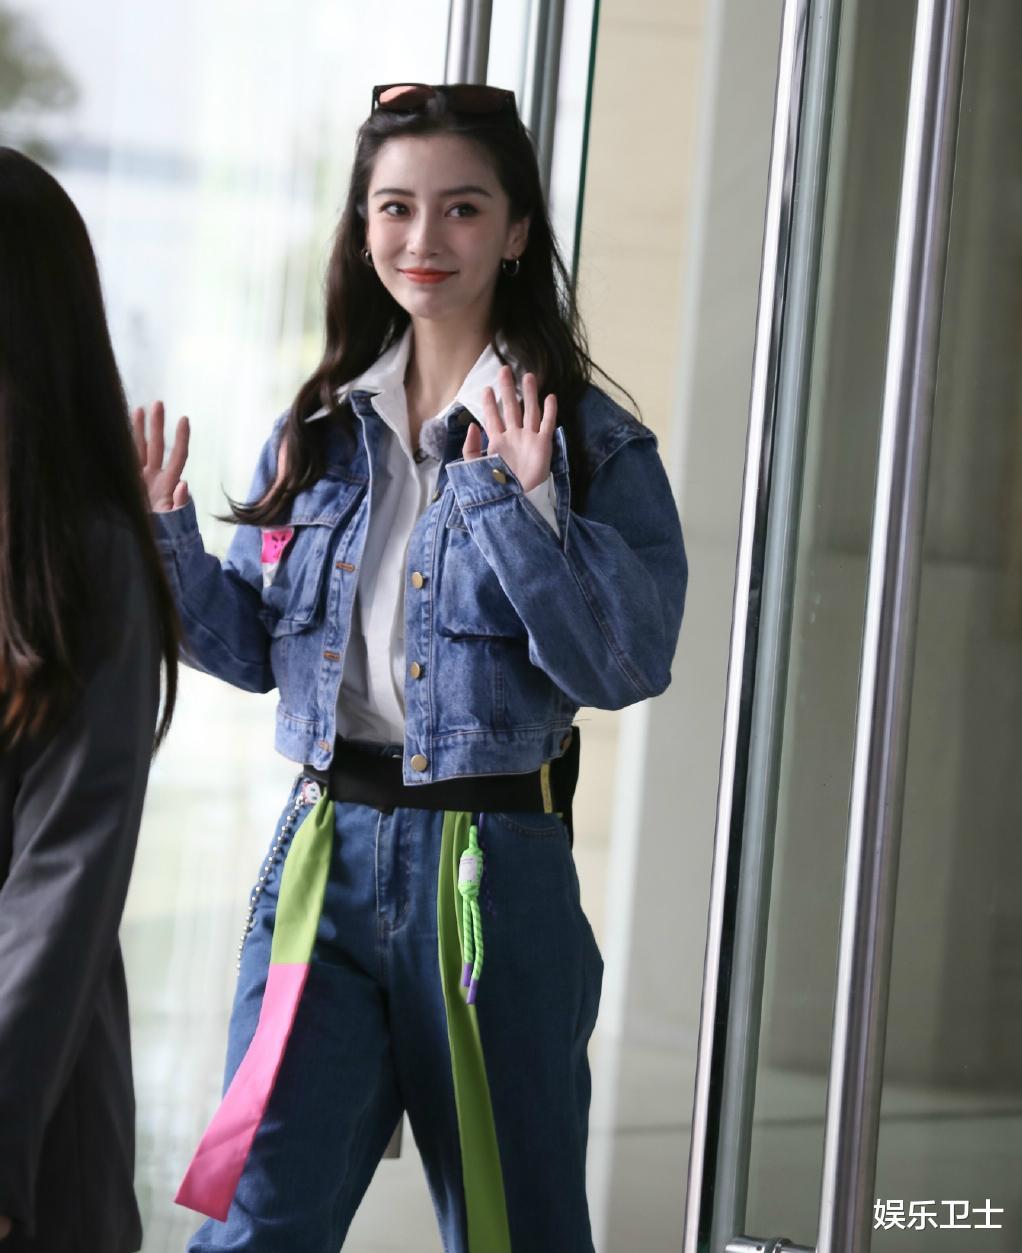 《奔跑吧9》录制路透,蔡徐坤站姐动作亮了,Angelababy好美,黄旭熙喜感十足